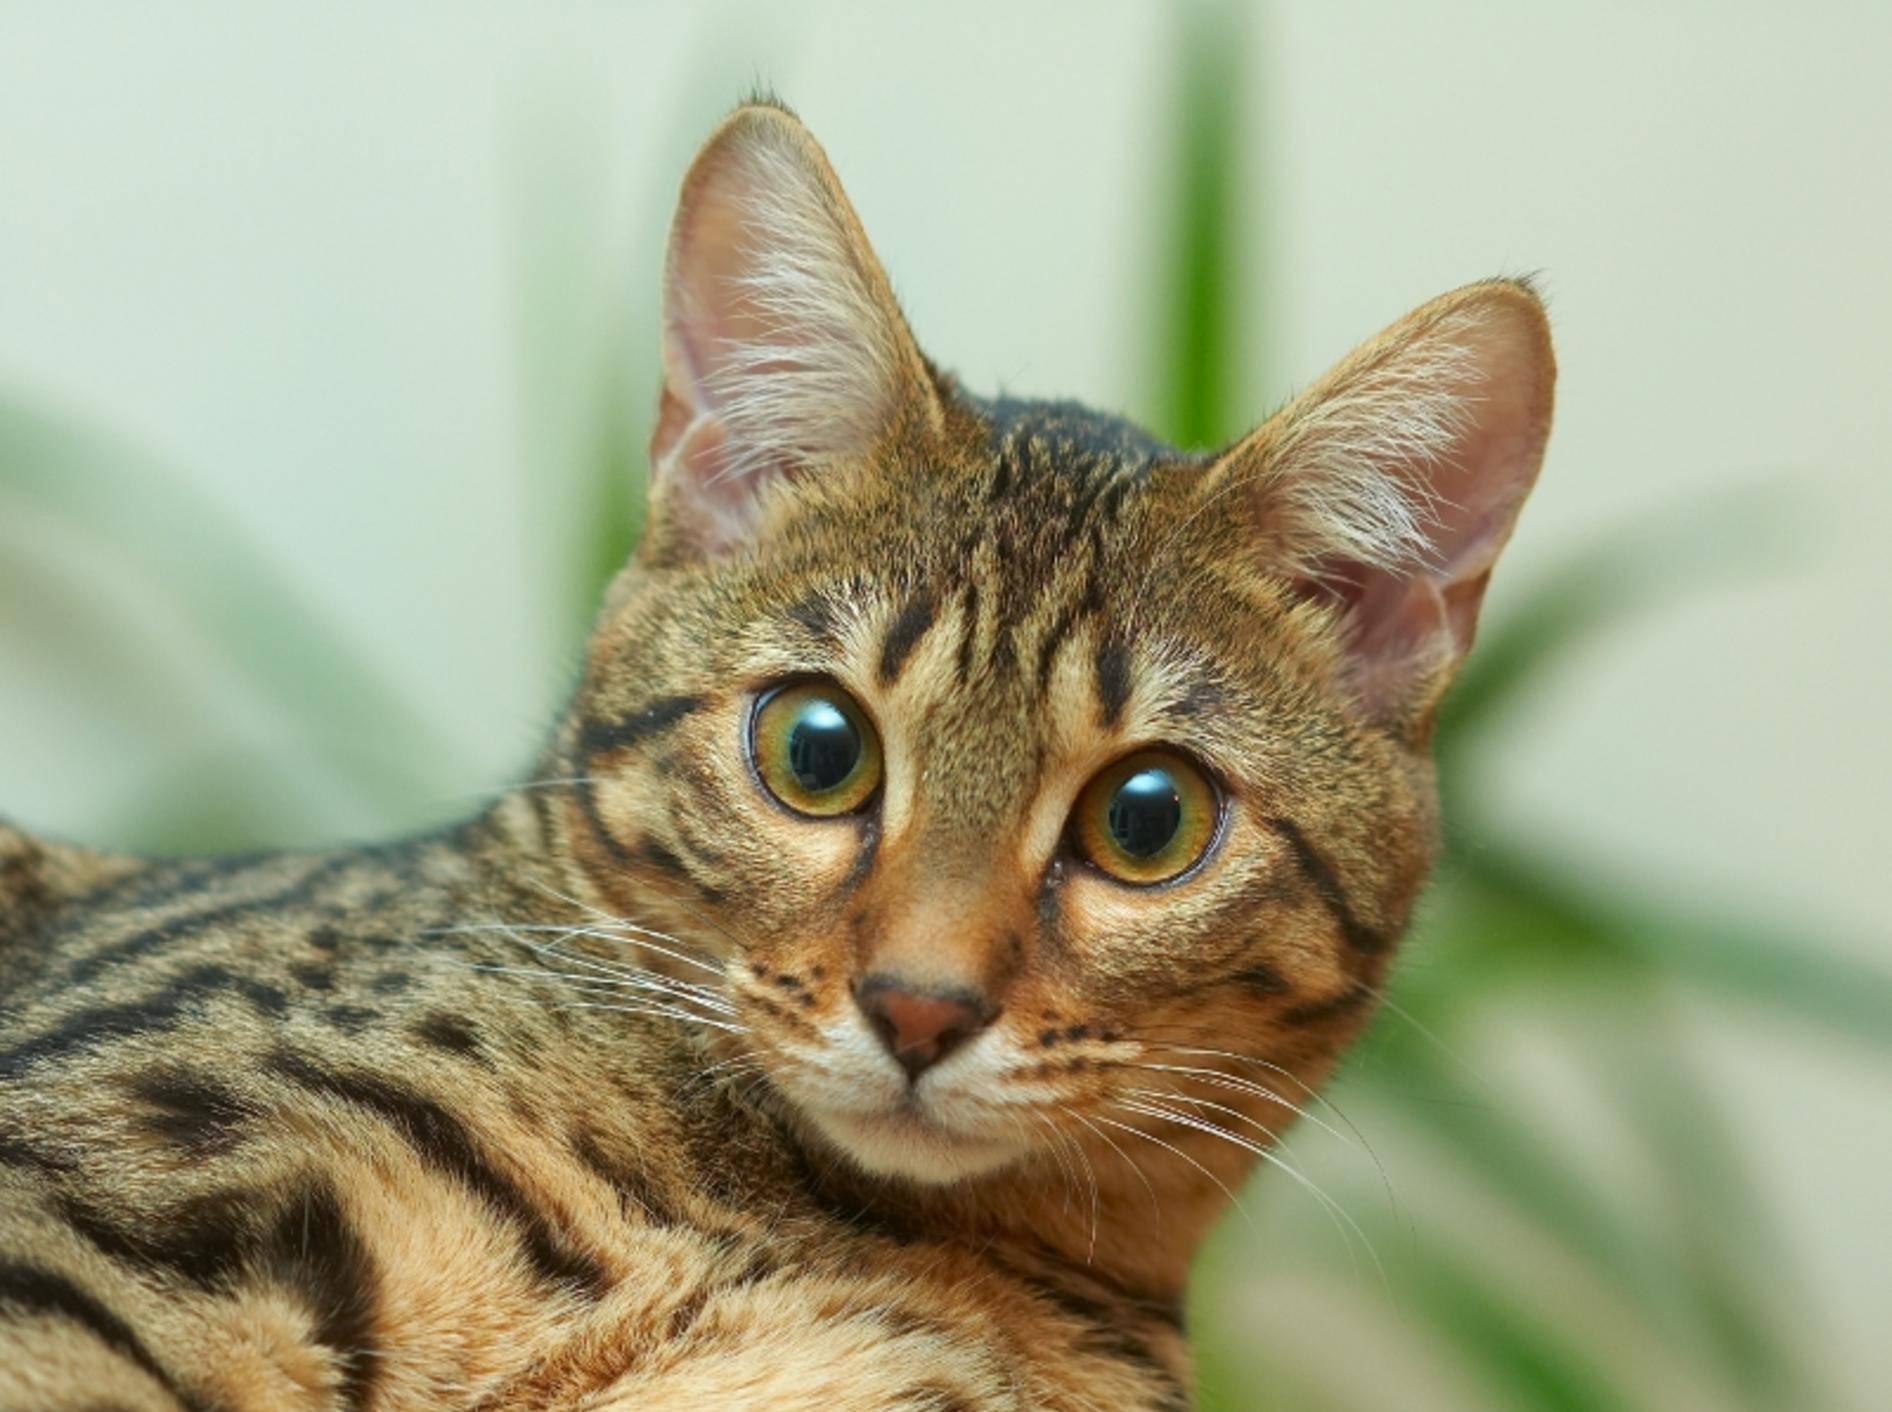 """Wunderschöne Bengal-Katze: """"Schau' mir tief in die Augen!"""" – Bild: Shutterstock: MAGDALENA SZACHOWSKA"""